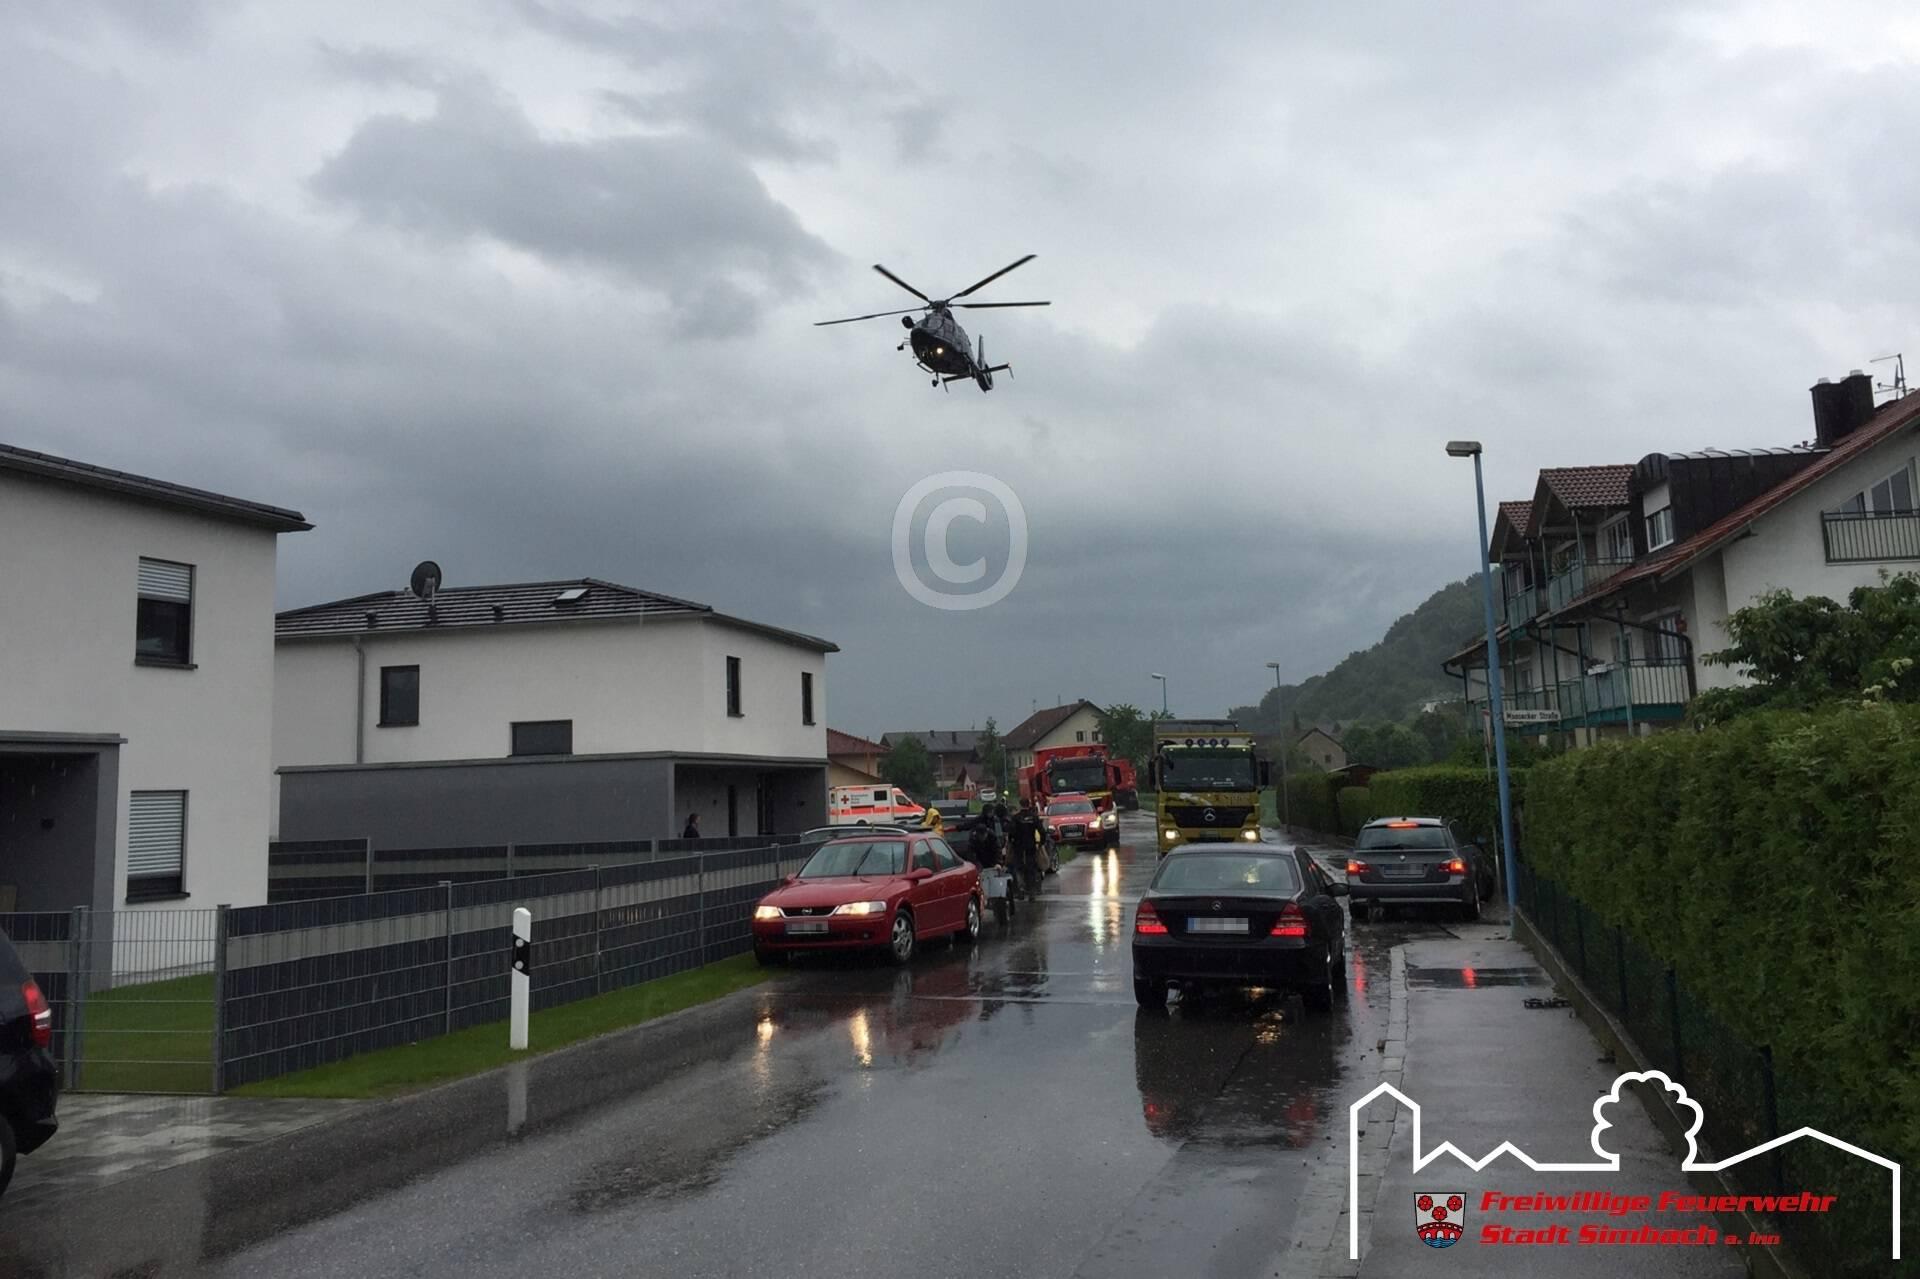 Die Hubschrauber bringen die geretteten Personen zum Simbacher Feuerwehrhaus